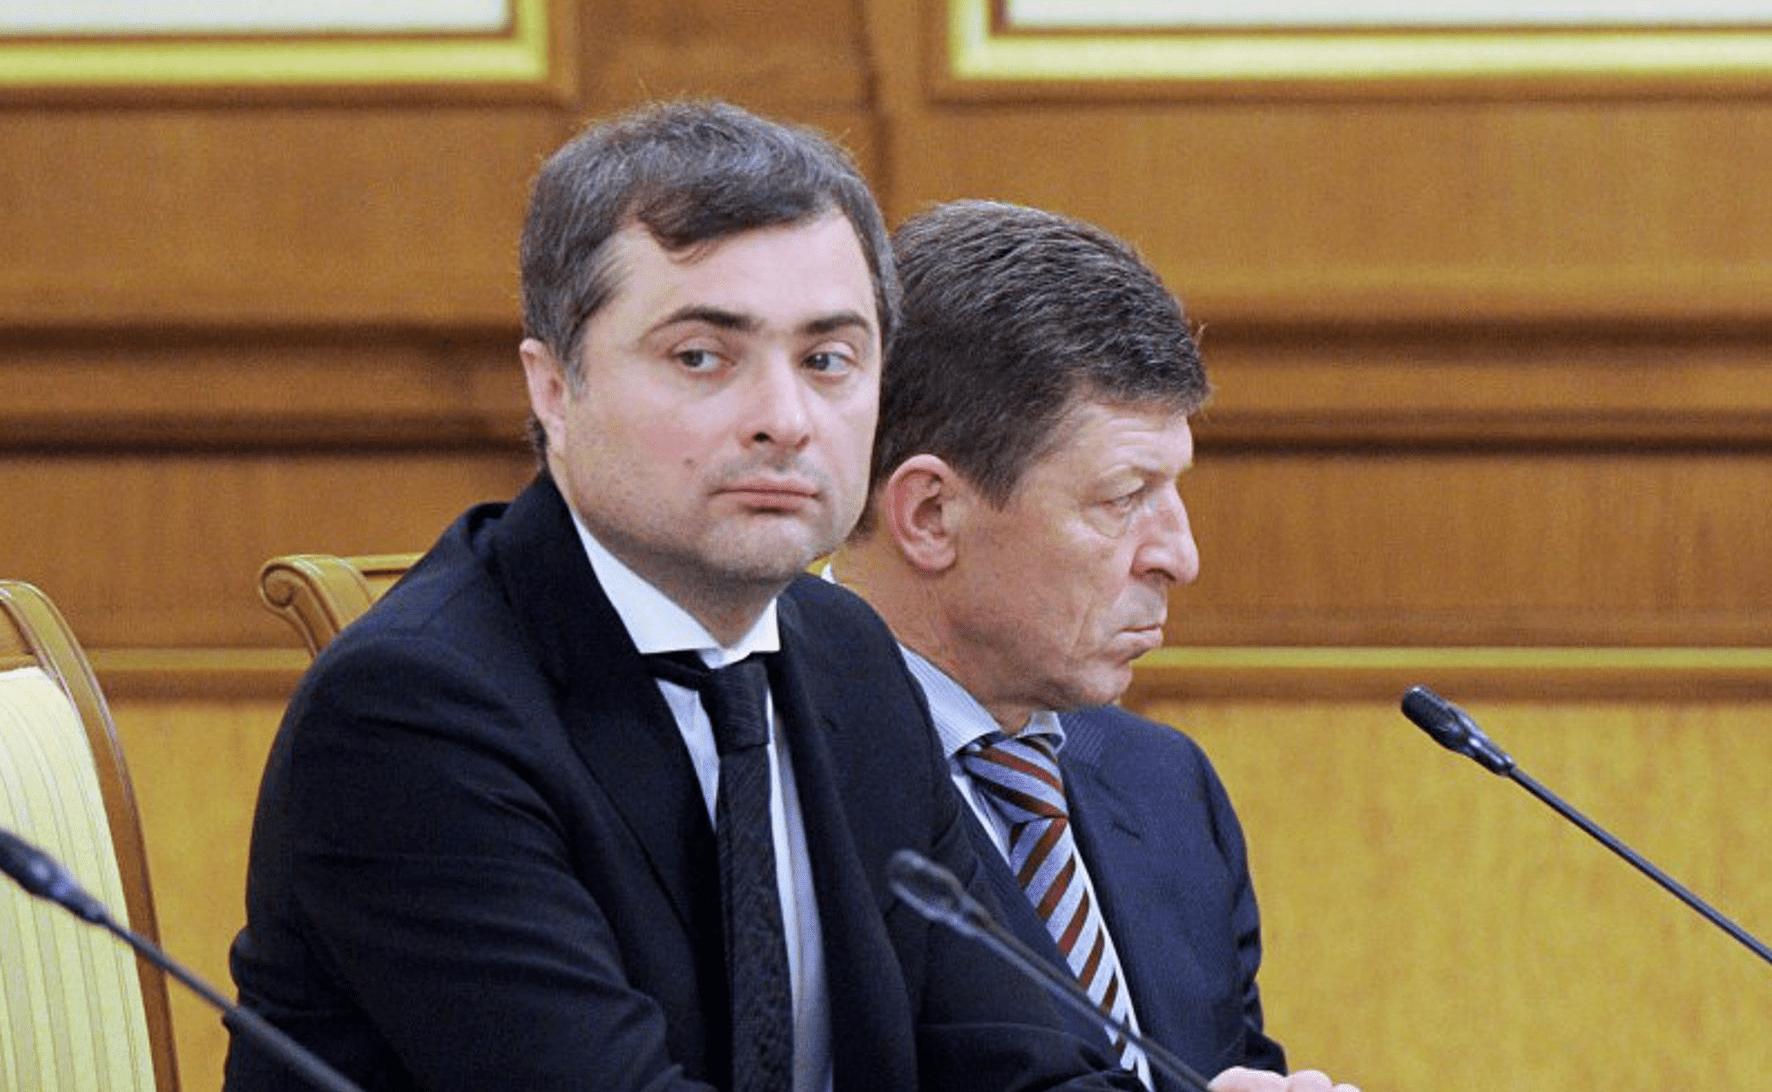 Замена Суркова Козаком — кремлевская политика станет более хитрой. Стелить будут мягко, зажимать будут неспеша, но жёстко